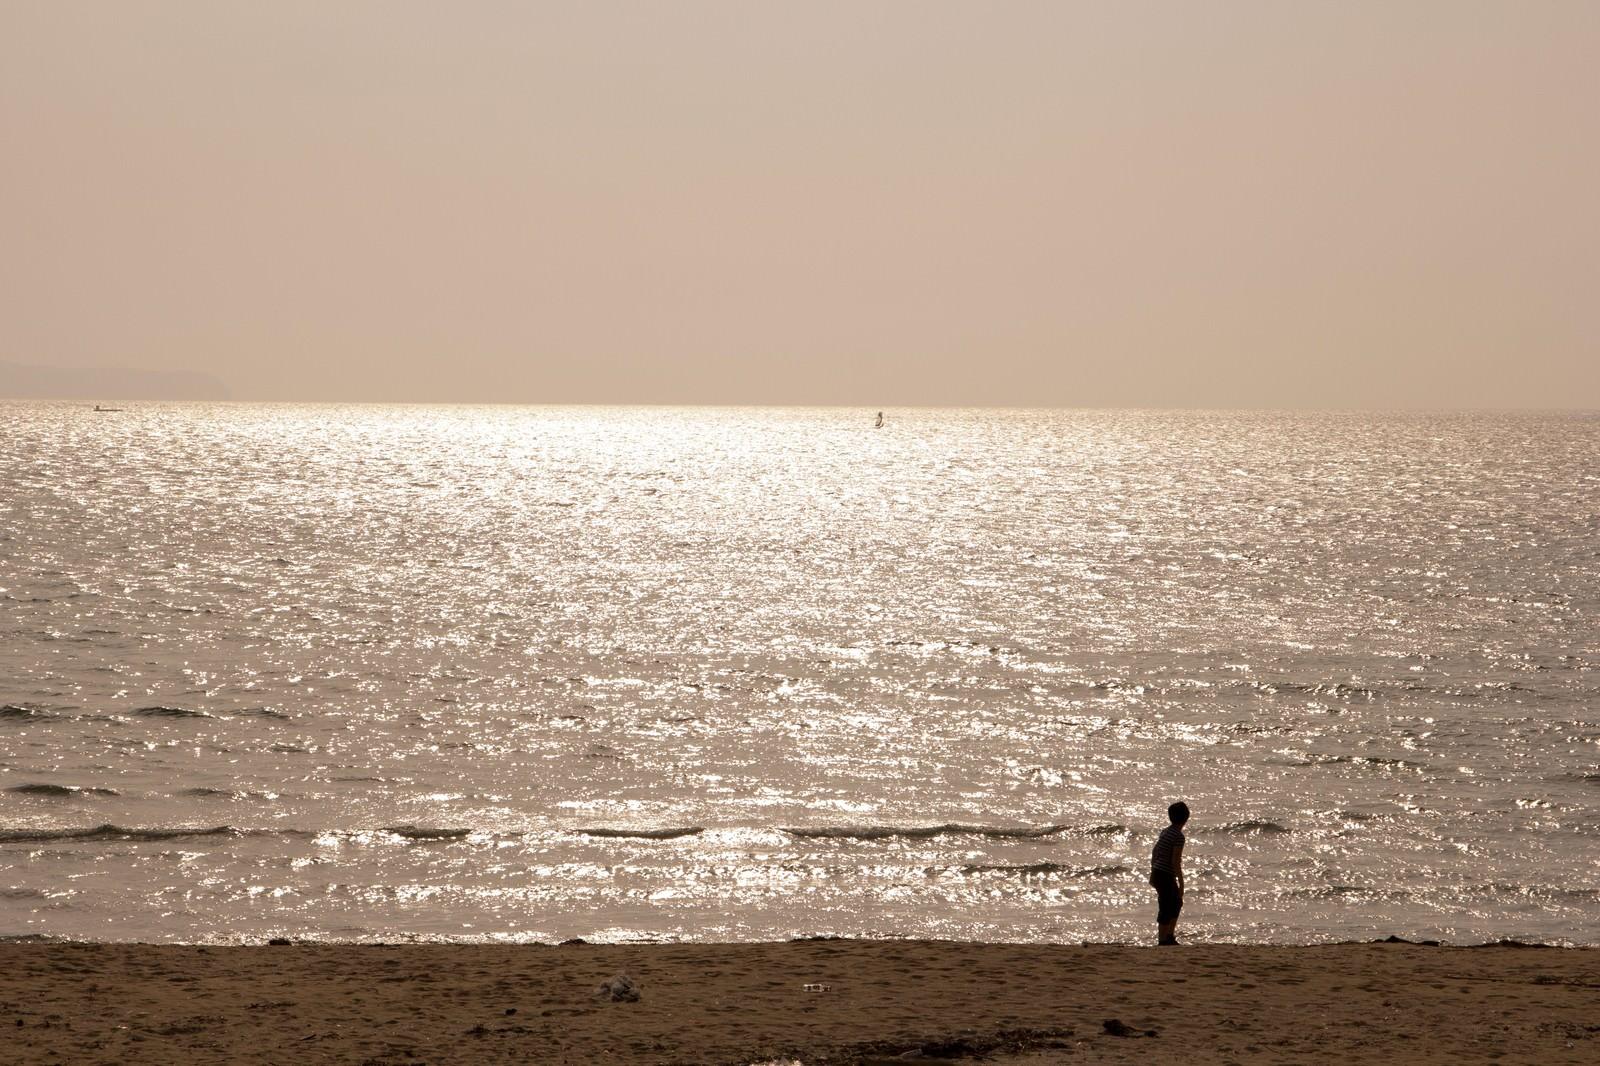 「夕焼けの海岸」の写真